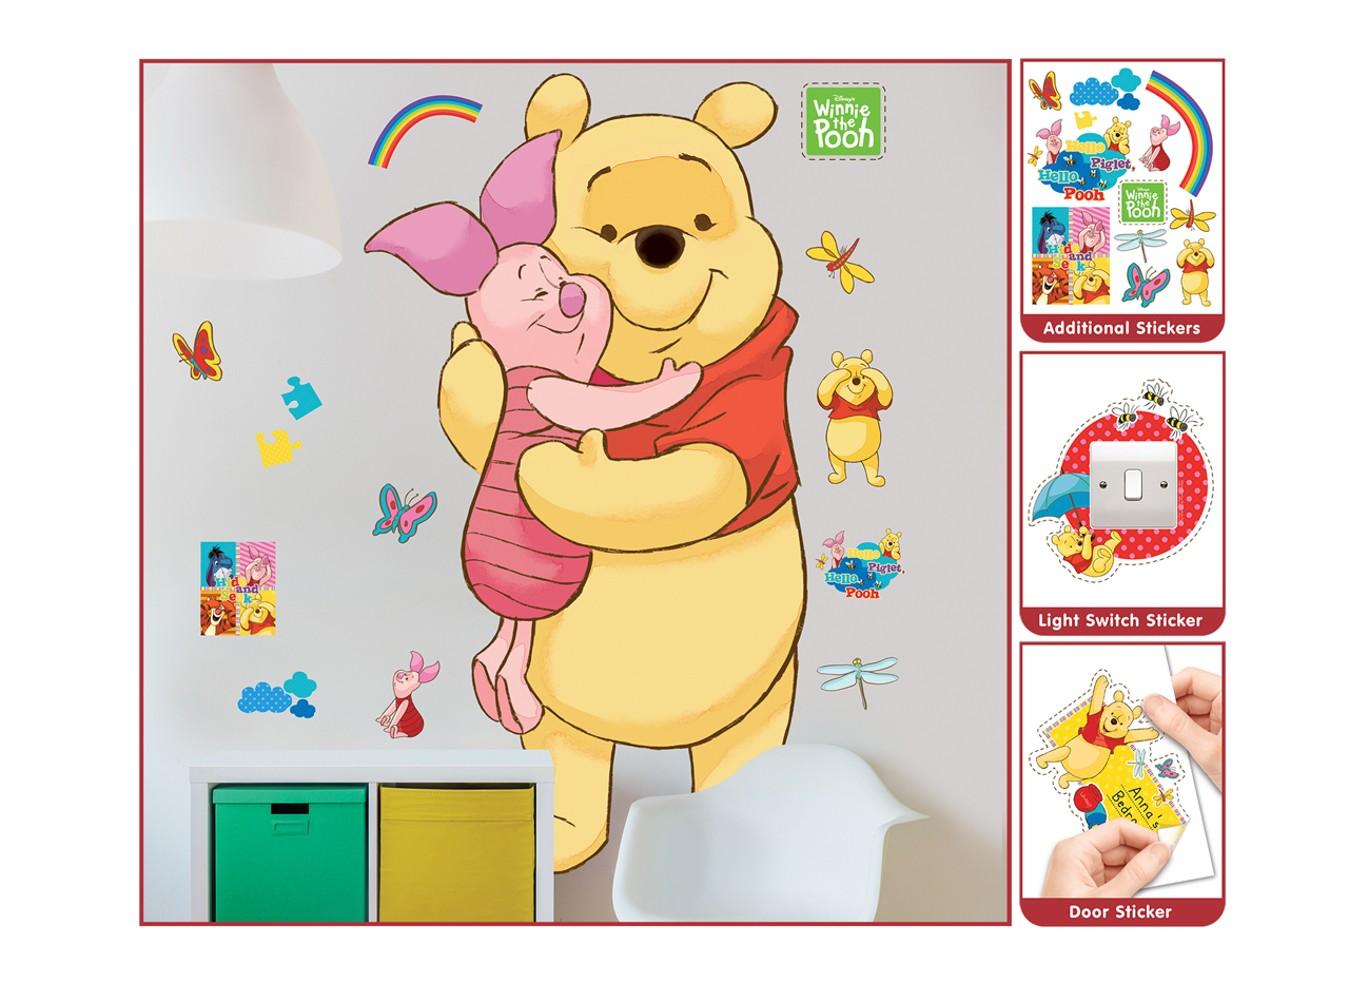 Samolepicí dekorace Walltastic Medvídek Pú 44319 (Sada samolepek do dětského pokoje)